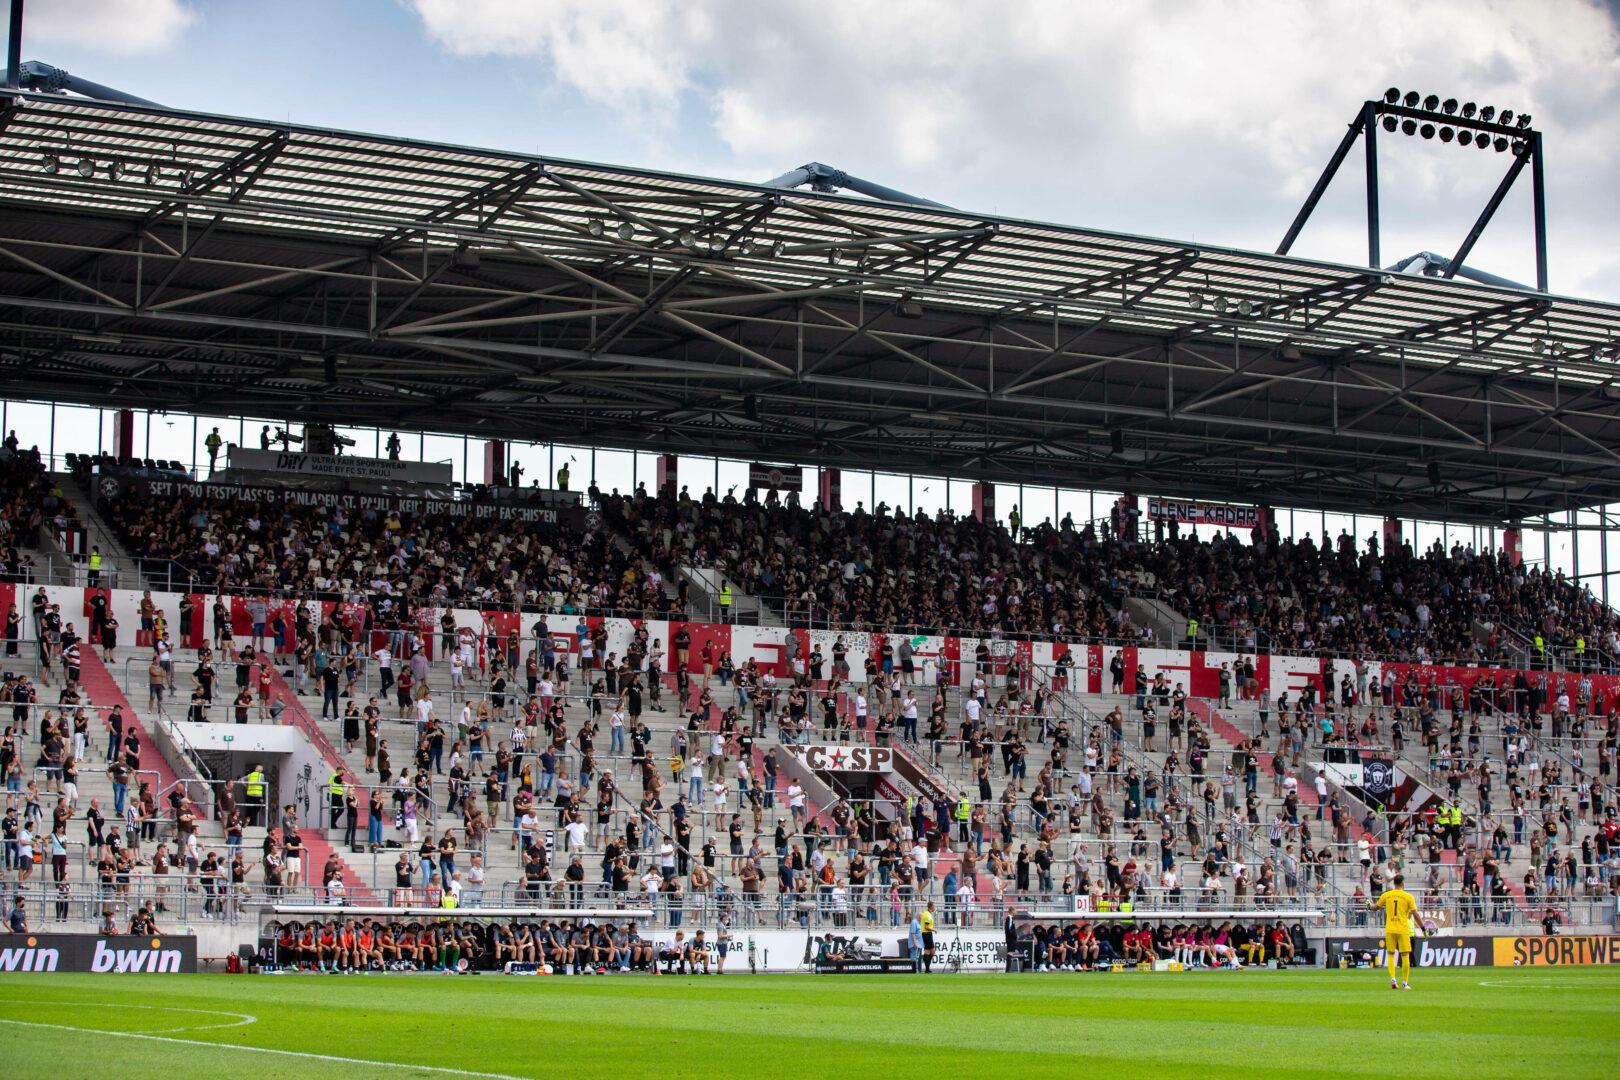 Eine teilausgelastete Tribüne im Millerntor-Stadion von St. Pauli